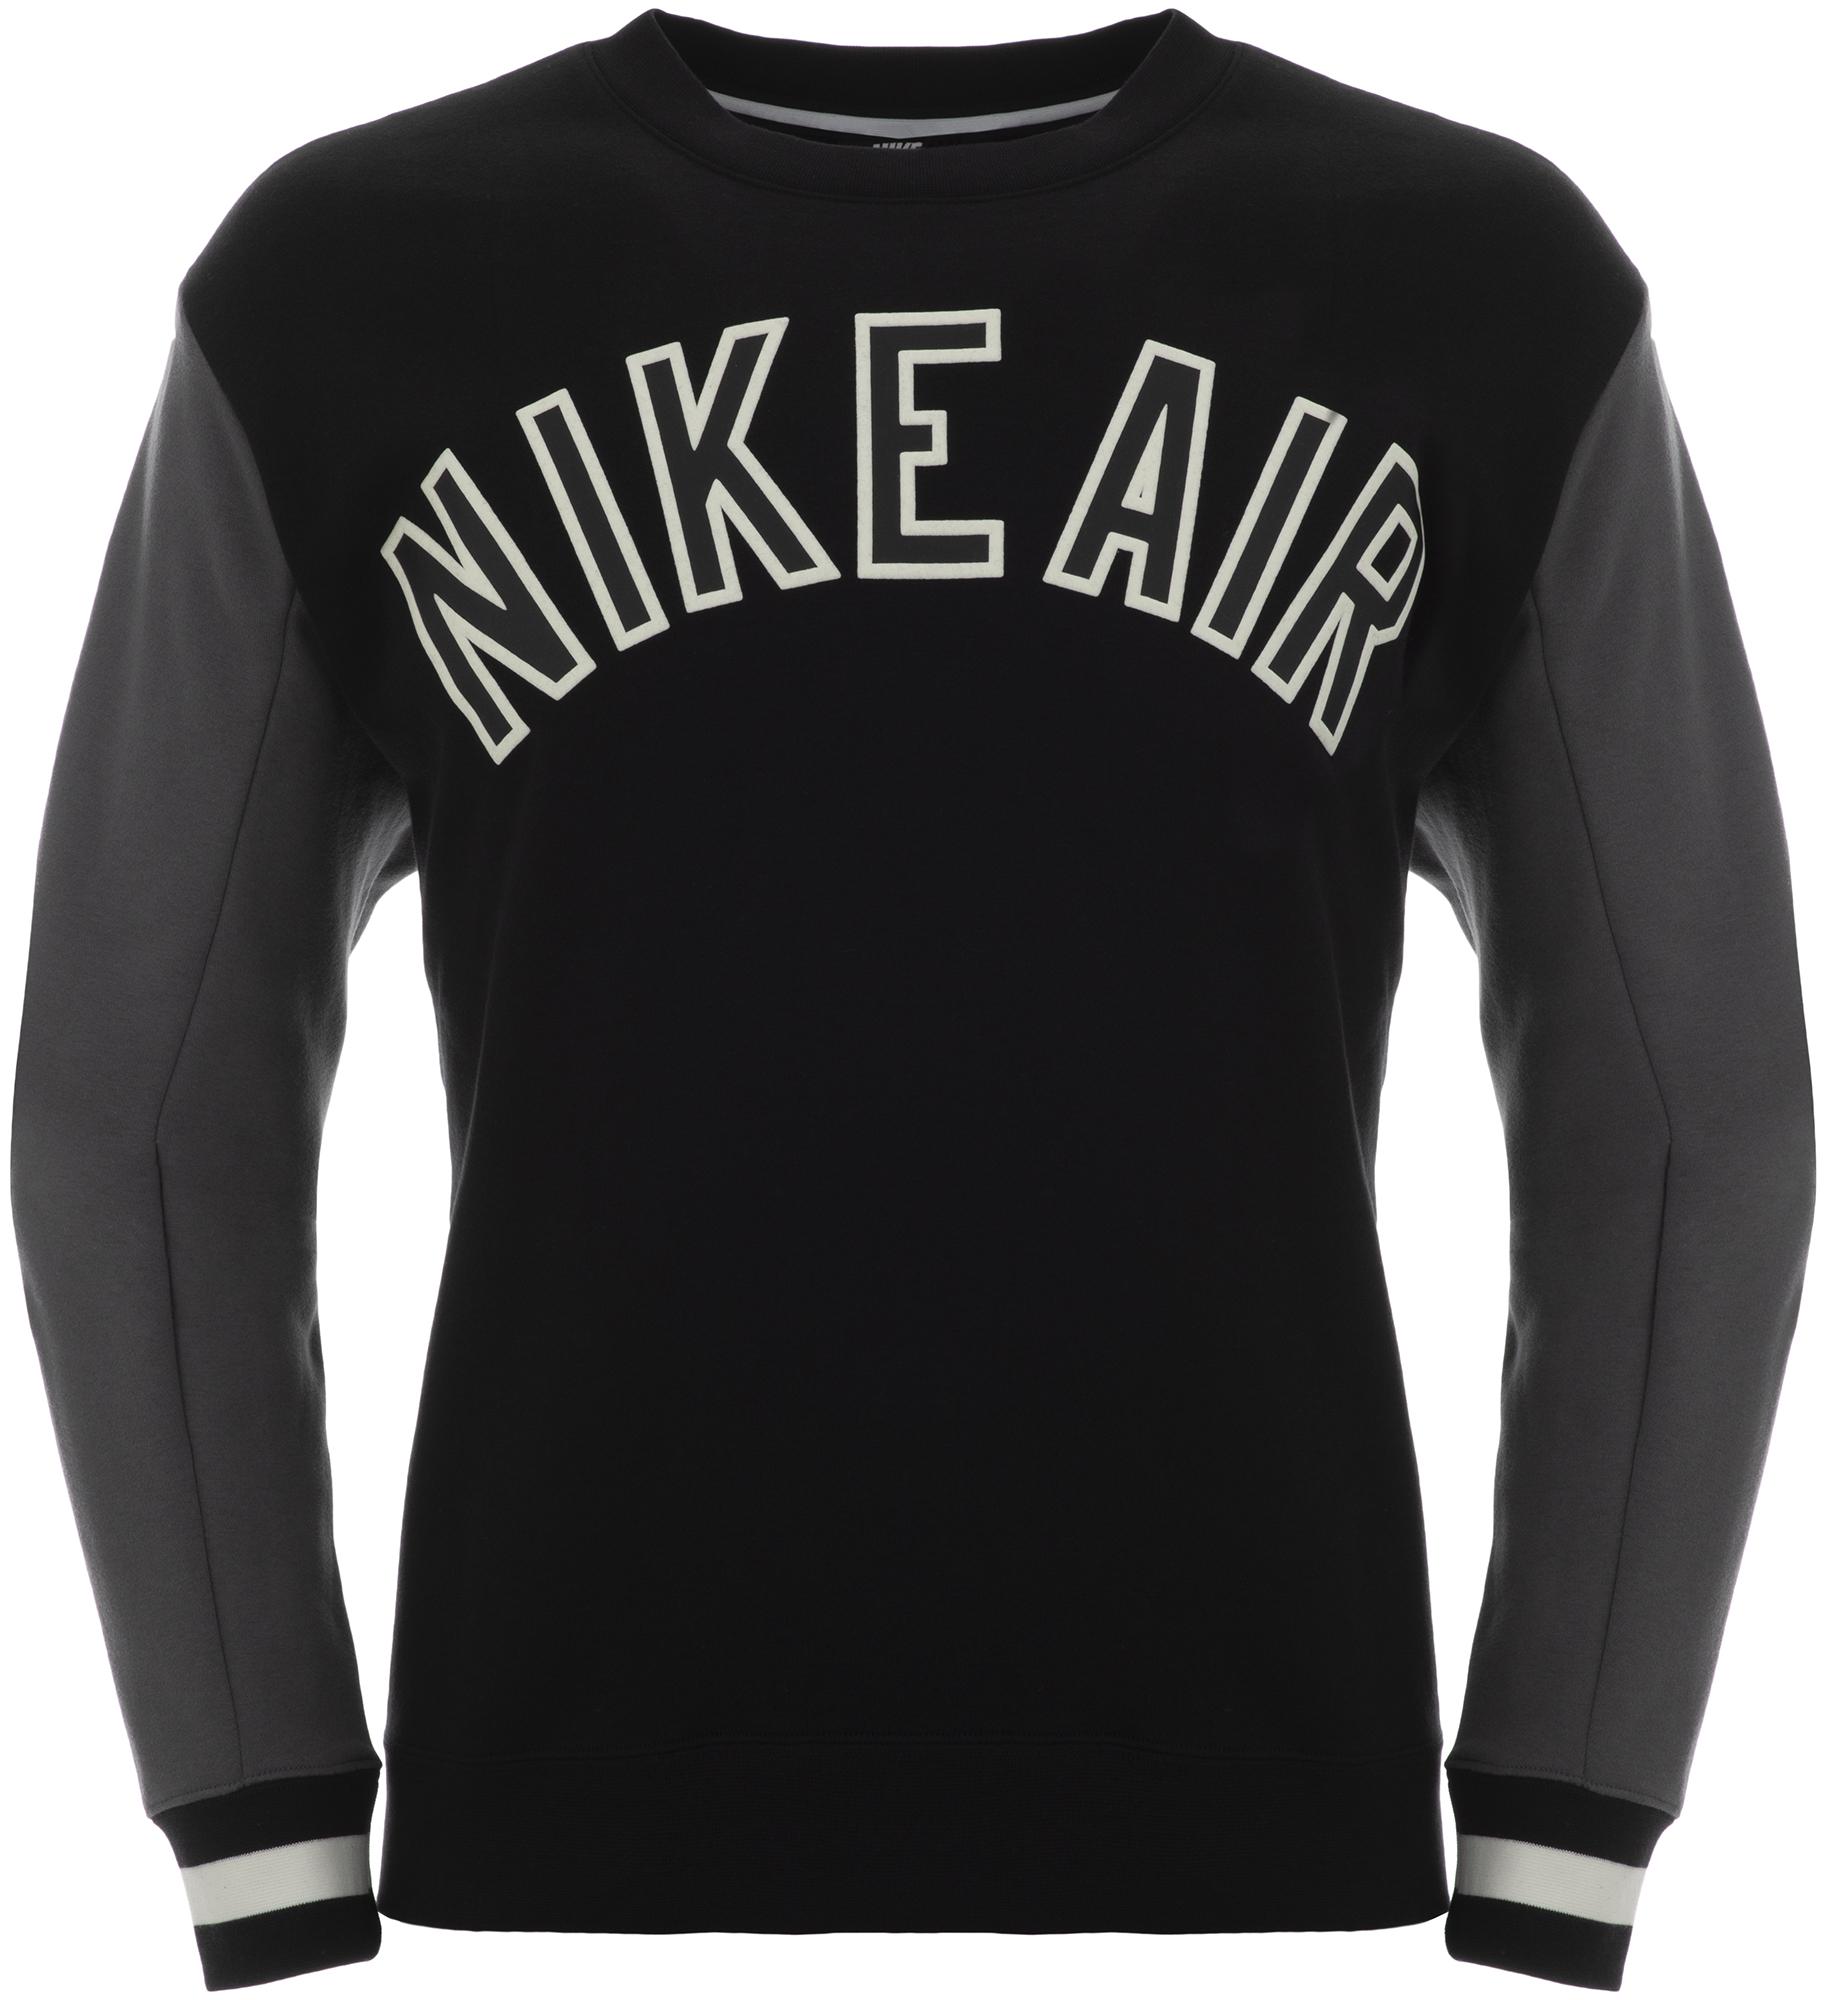 Nike Джемпер мужской Nike Air, размер 52-54